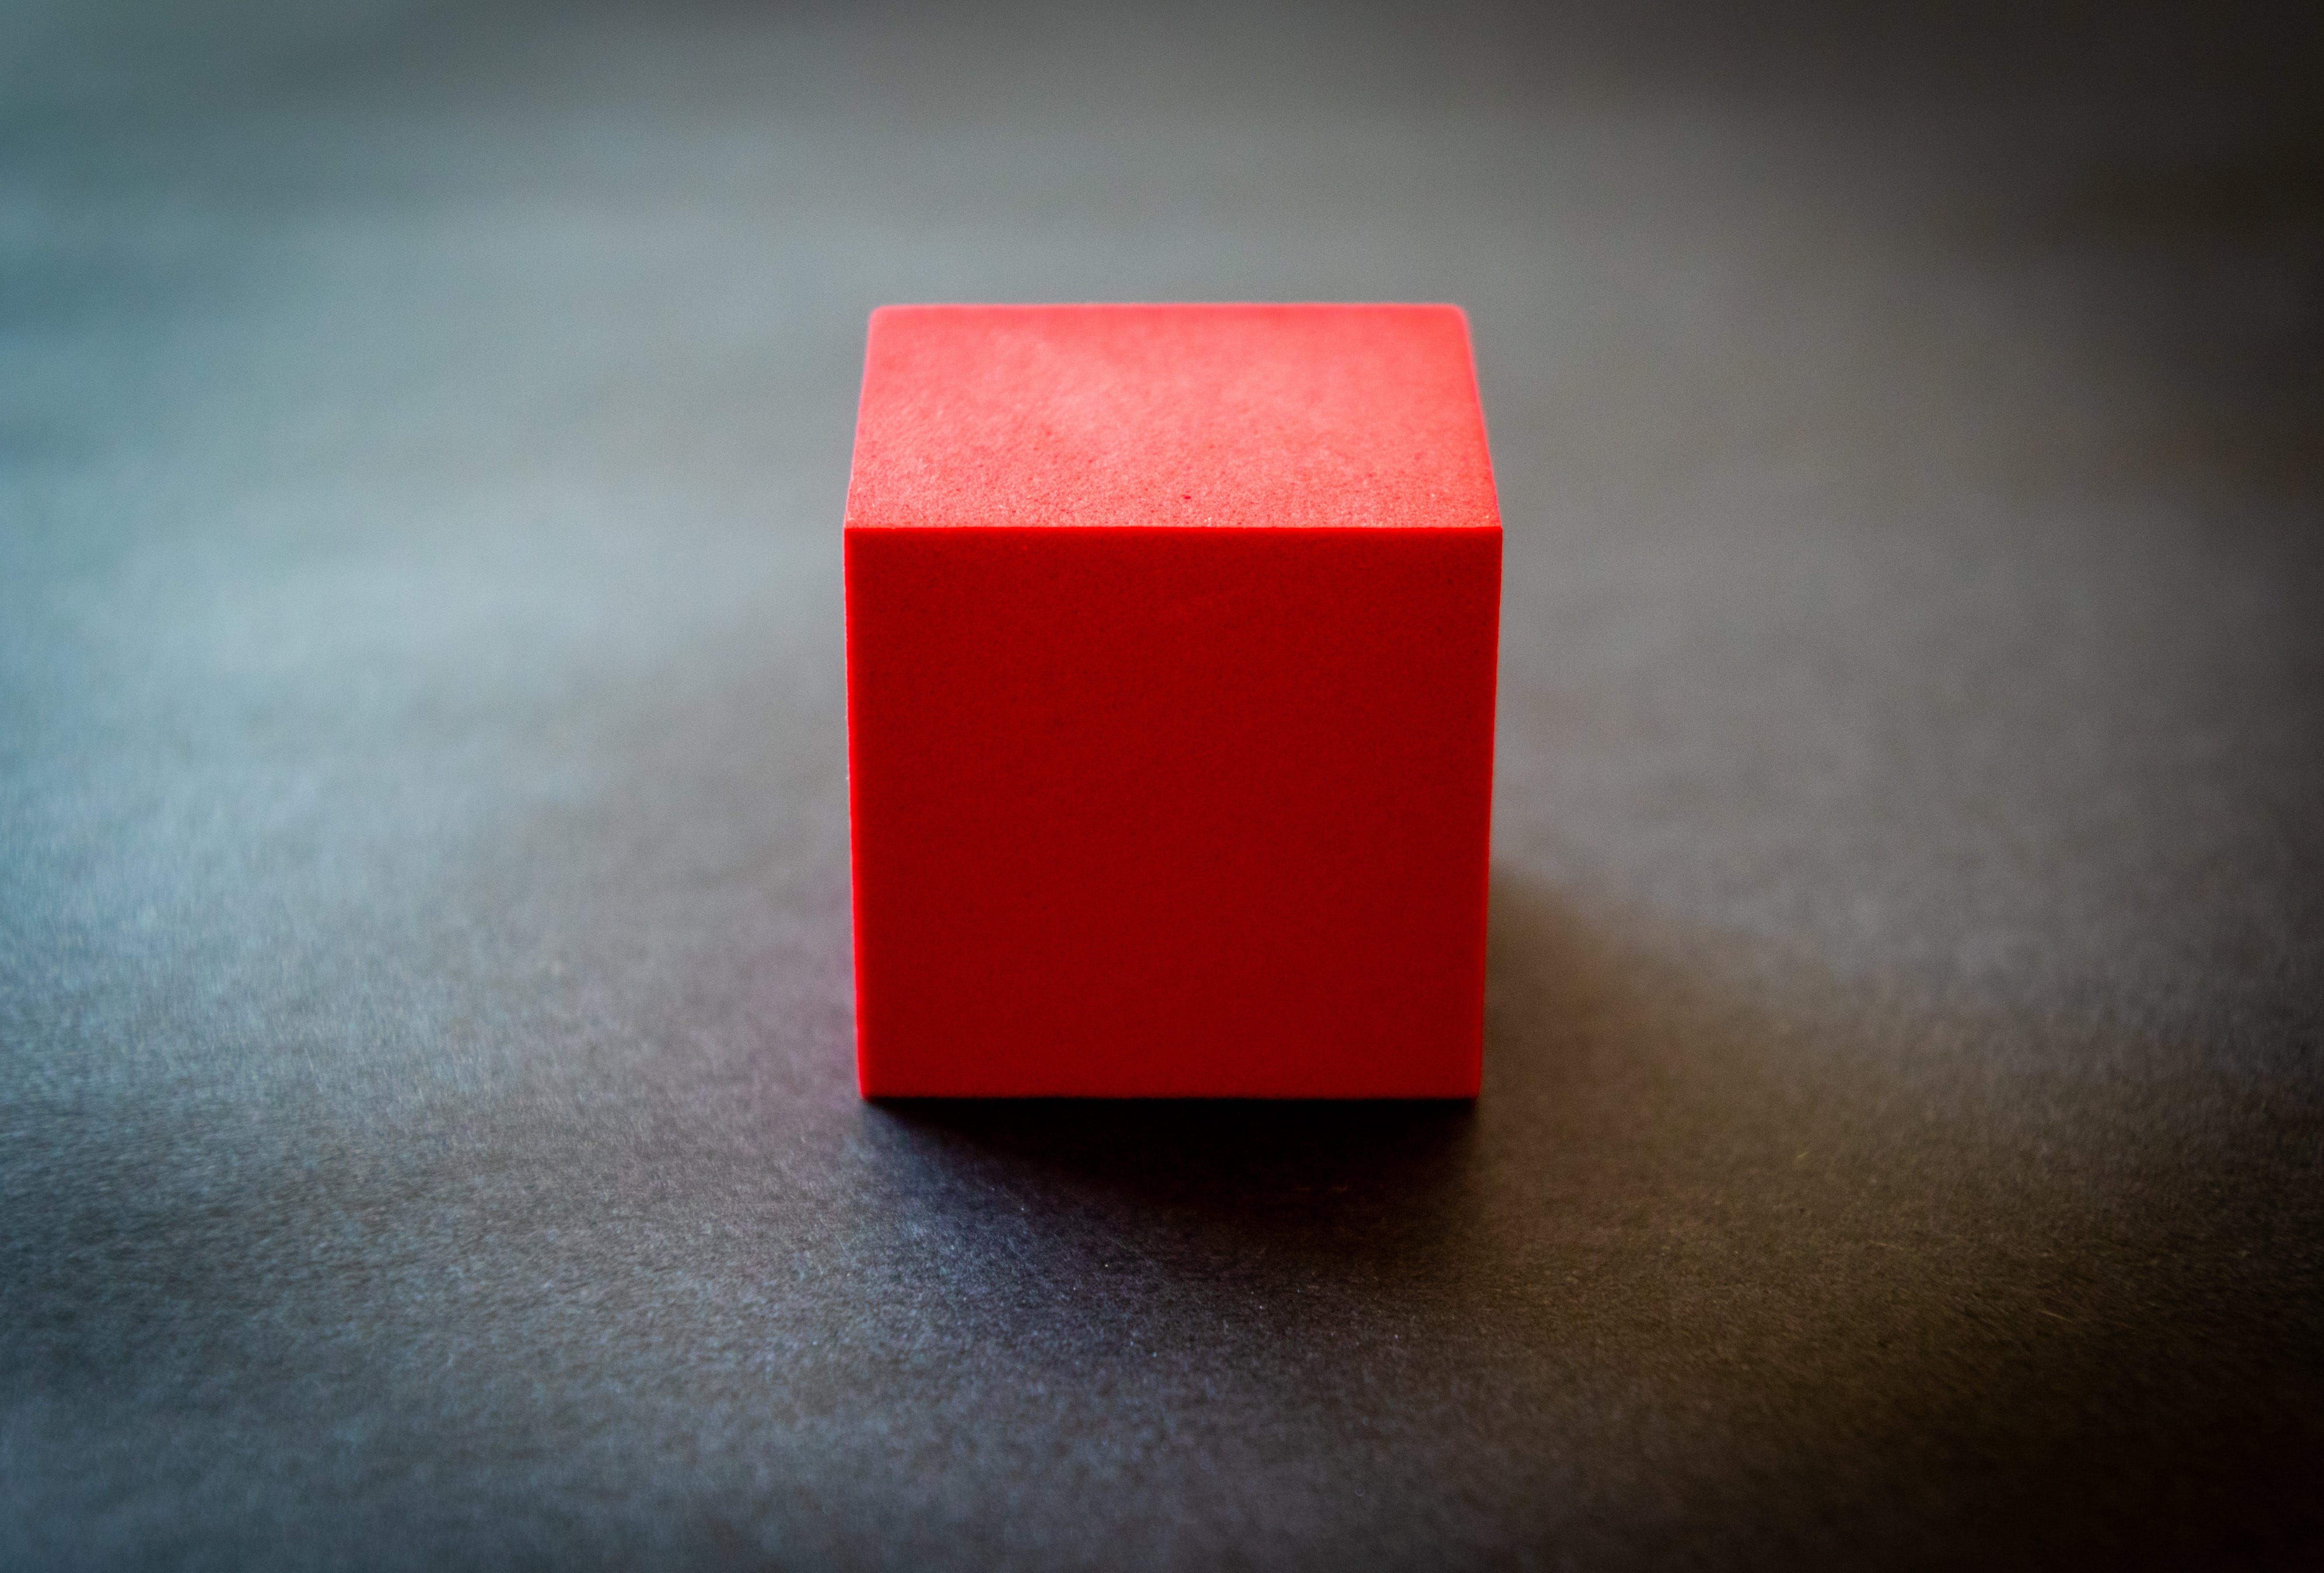 Gratis lagerfoto af blok, form, kube, rød